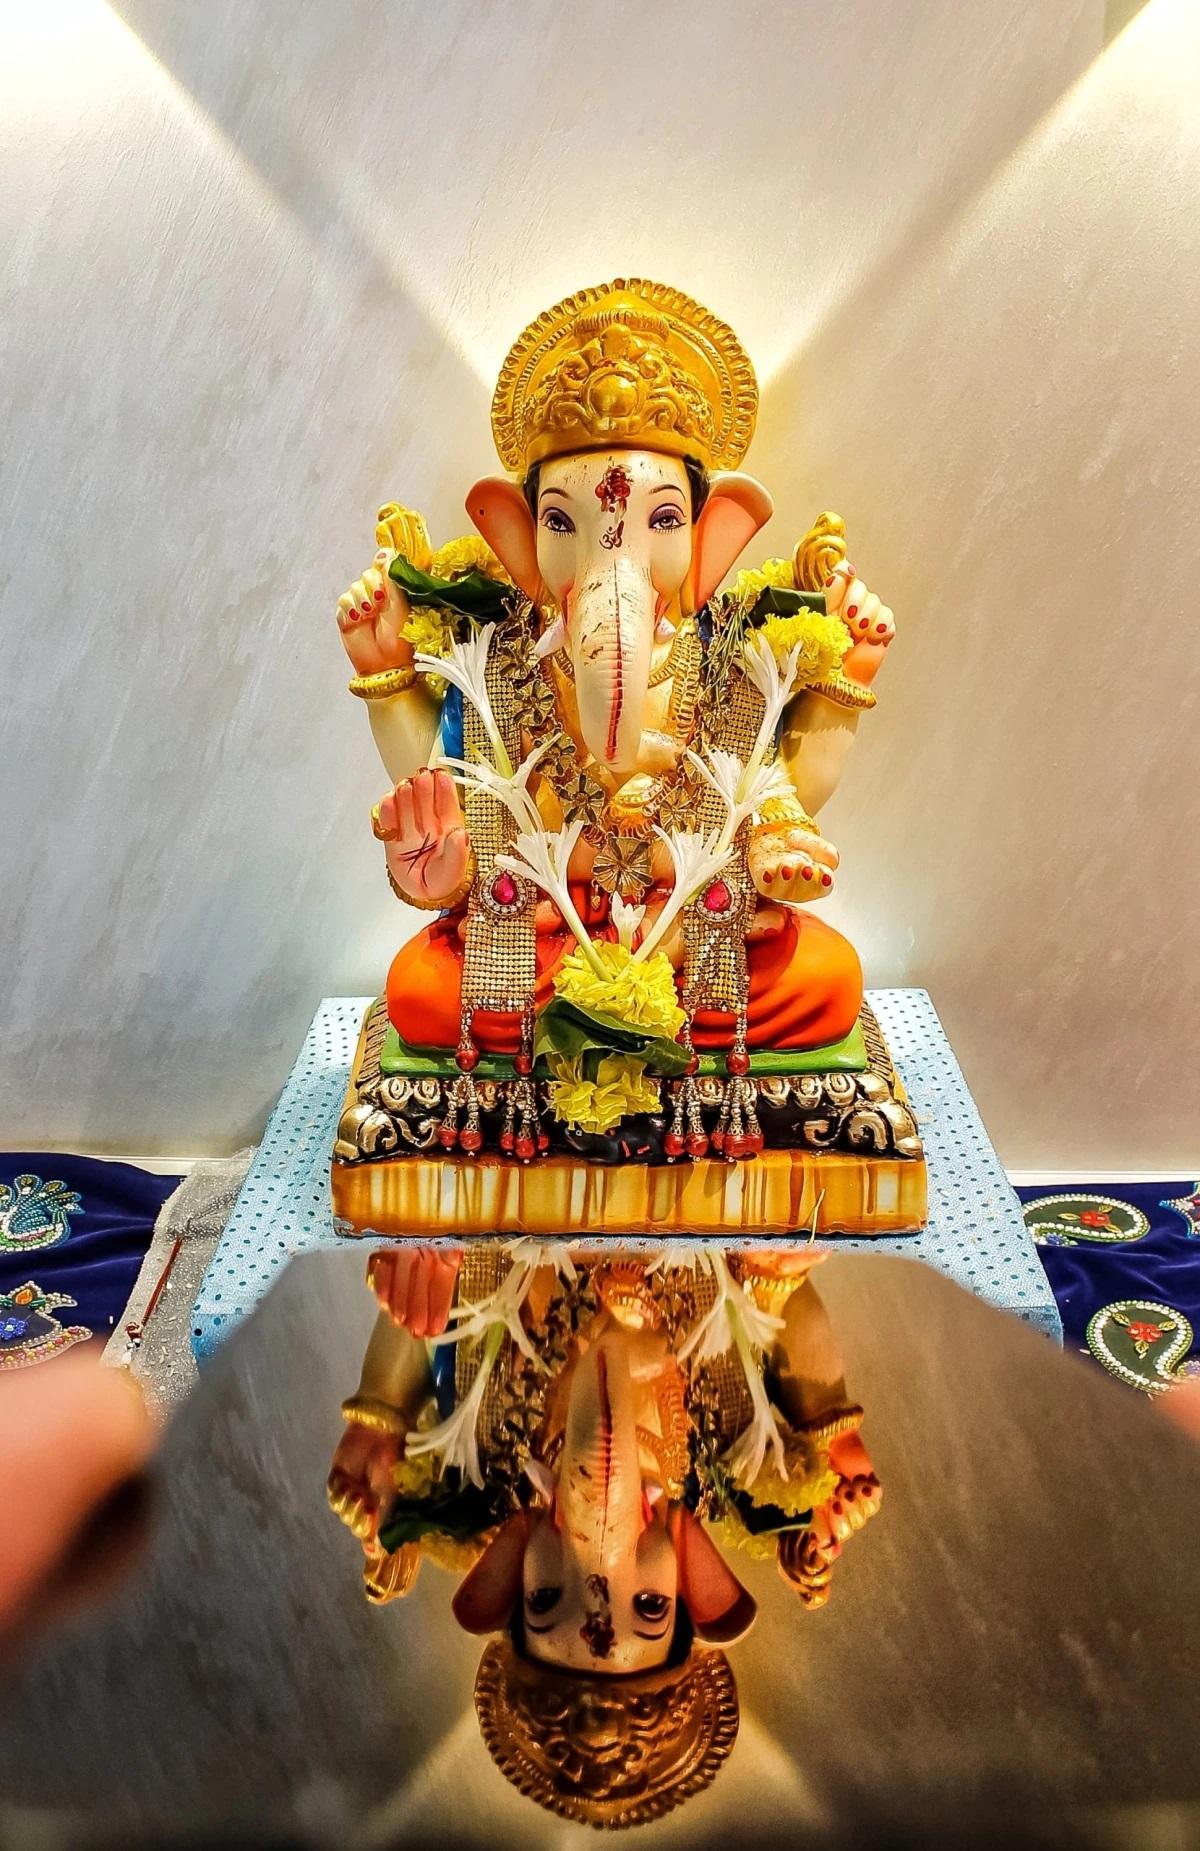 गणेश चतुर्थी का त्योहार भगवान गणेश के जन्मदिन का प्रतीक है, जिसमें सभी भक्त घर में बप्पा की एक सुंदर मूर्ति स्थापित करते हैं।